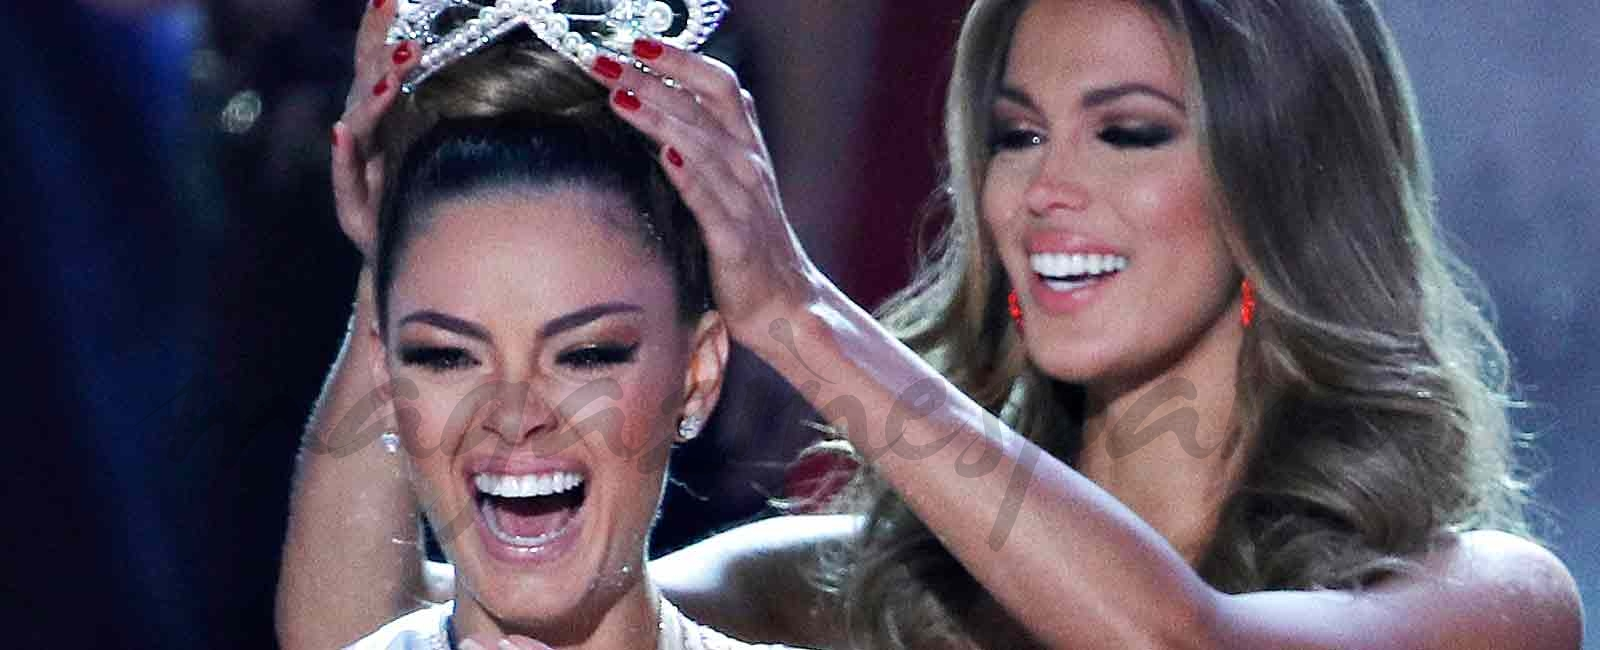 La sudafricana Demi-Leigh Nel-Peters coronada como nueva Miss Universo